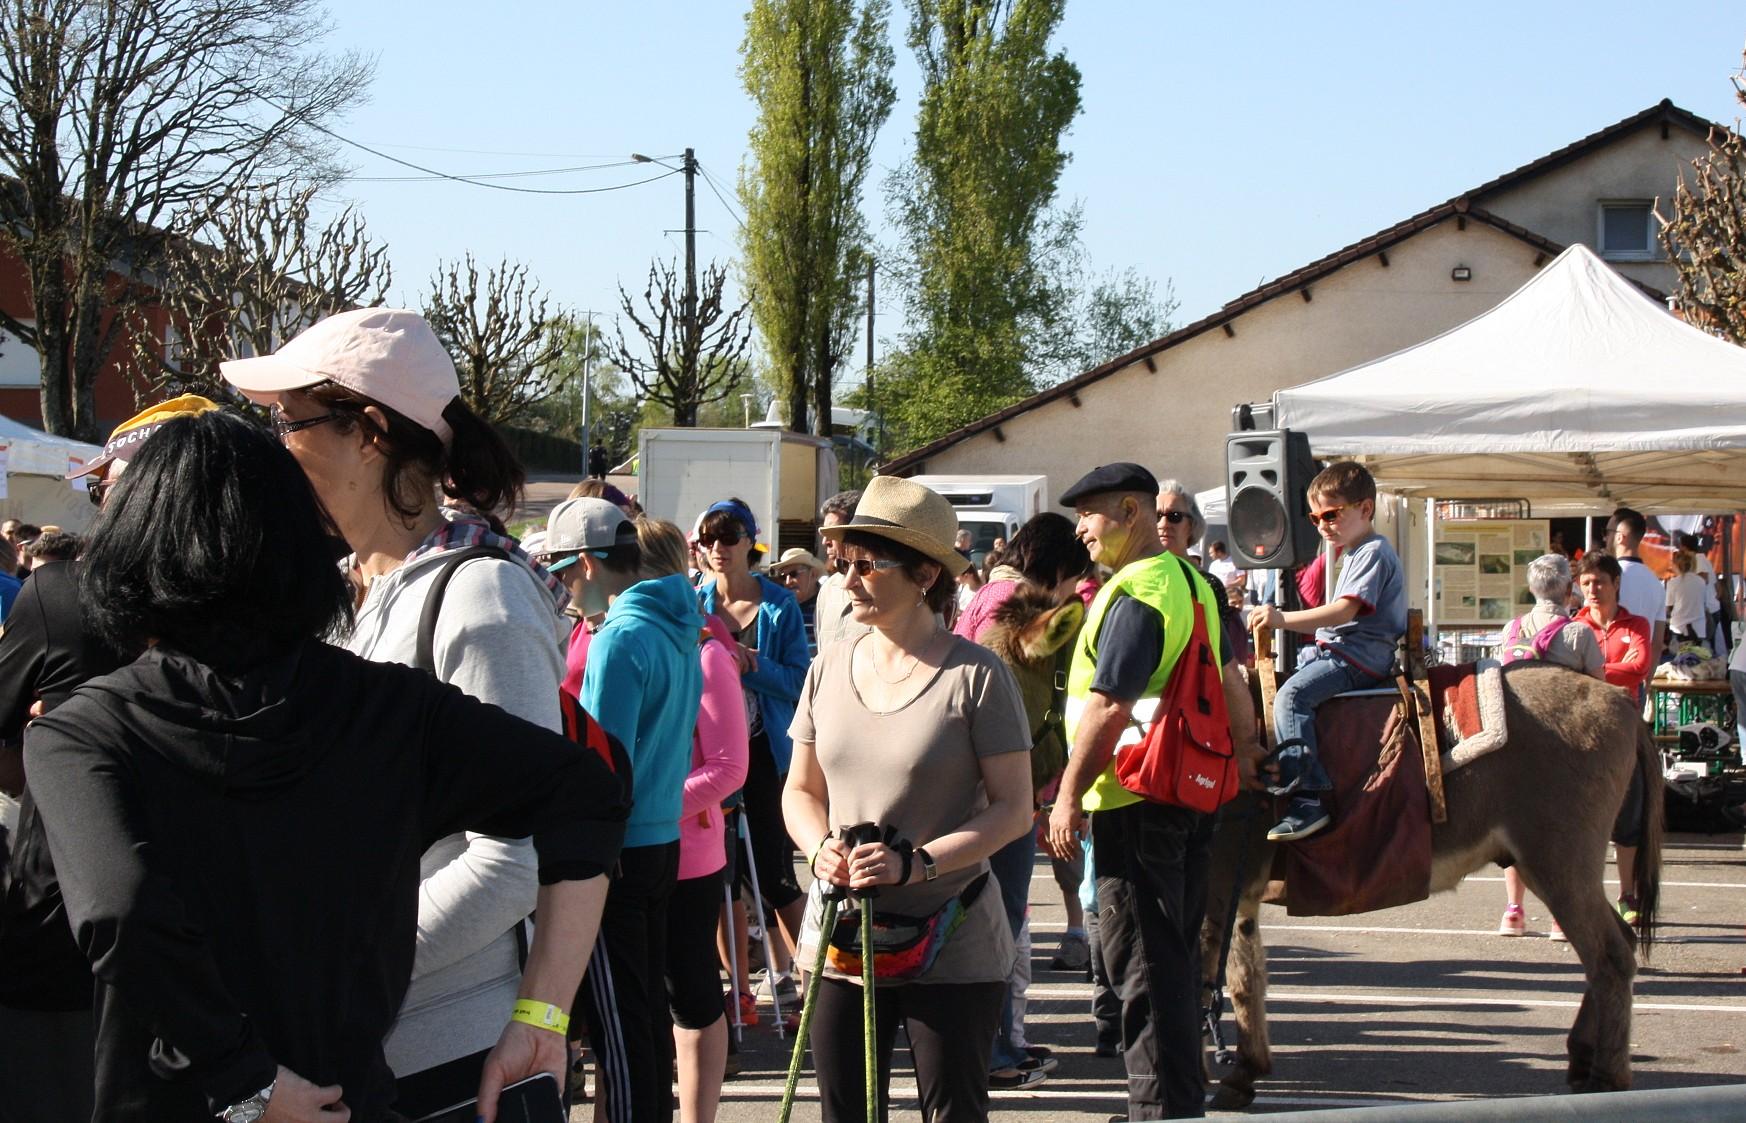 2017-04-09 - Trail-Montfaucon-Juliette (79)